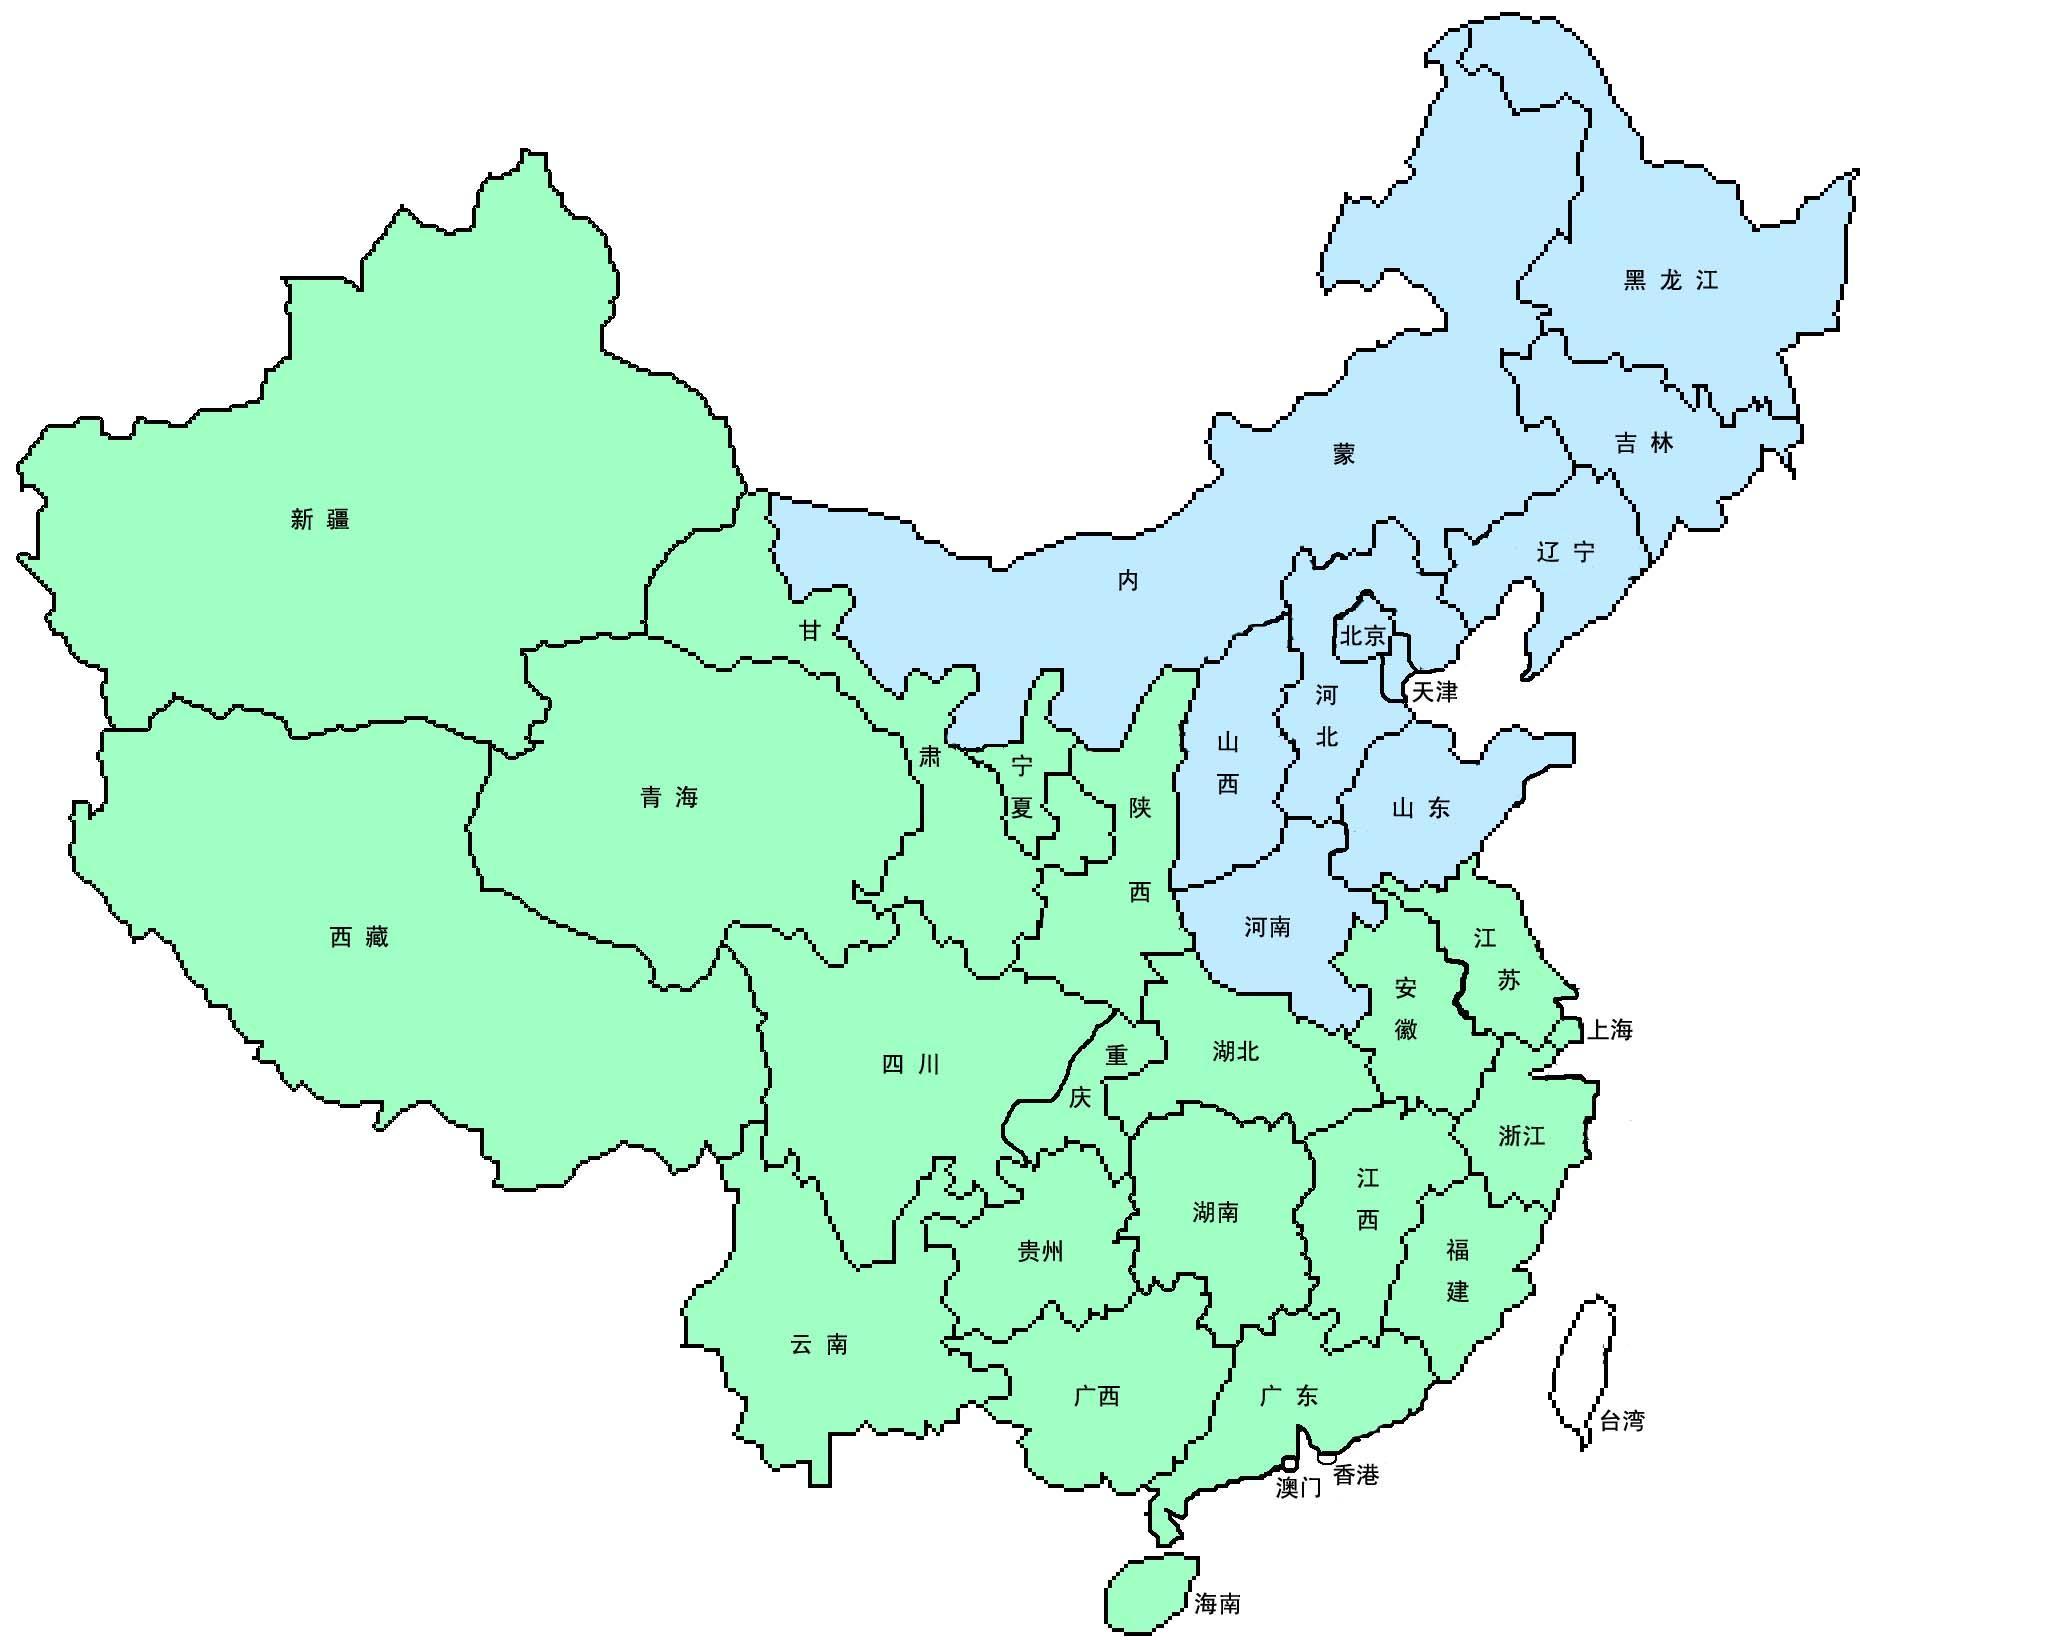 幼儿园手工制作中国地图示图 高清图片